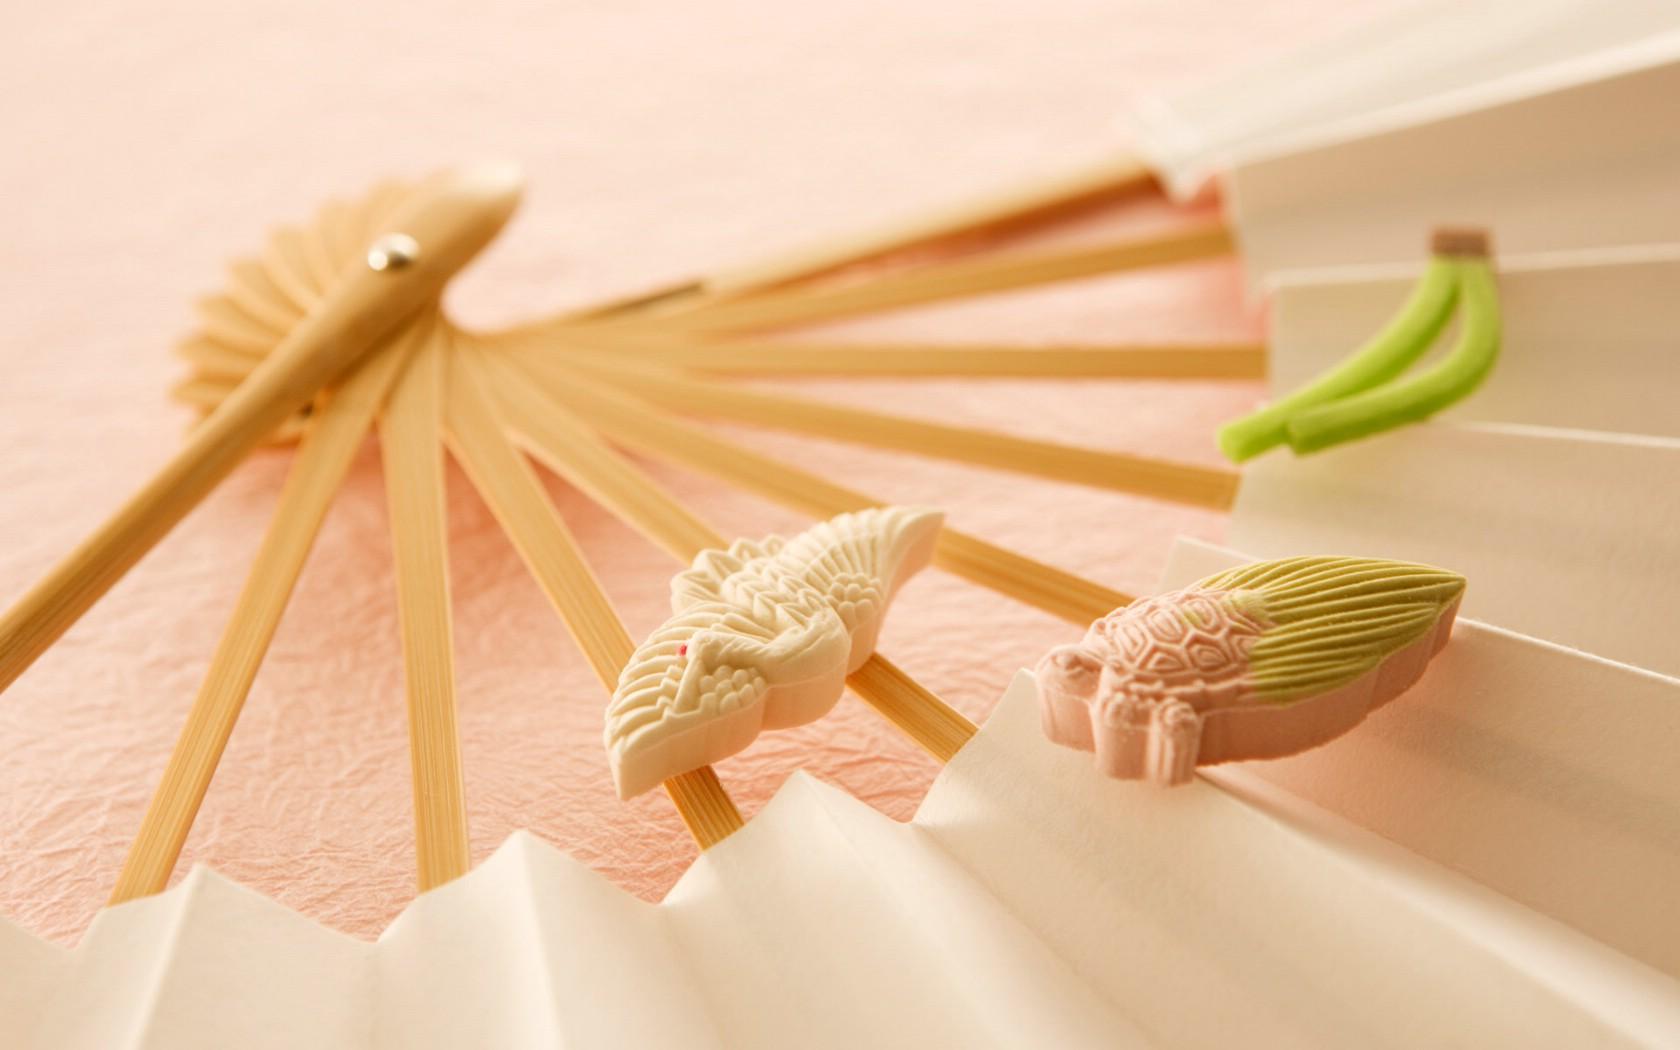 壁纸1680×1050日本新年宽屏桌面壁纸壁纸 日本新年宽屏桌面壁纸壁纸图片节日壁纸节日图片素材桌面壁纸